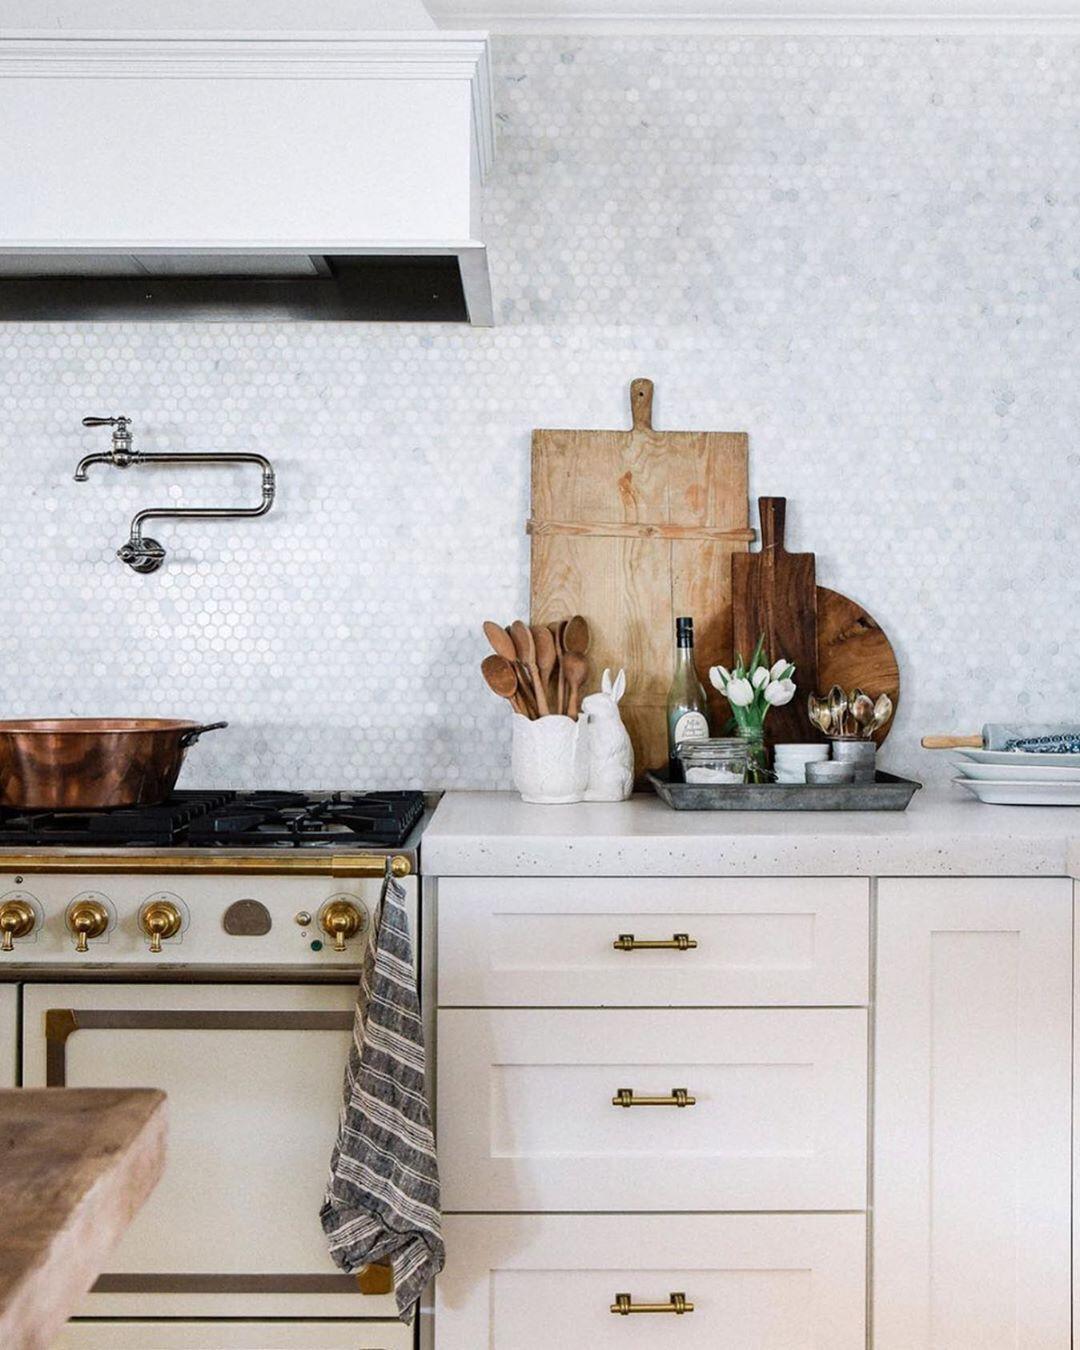 La Cornue On Instagram Partagez Du Bon Temps Et Un Bon Plat Cuisine Dans Un Four La Cornu Kitchen Countertop Decor Home Decor Kitchen Custom Kitchen Cabinets